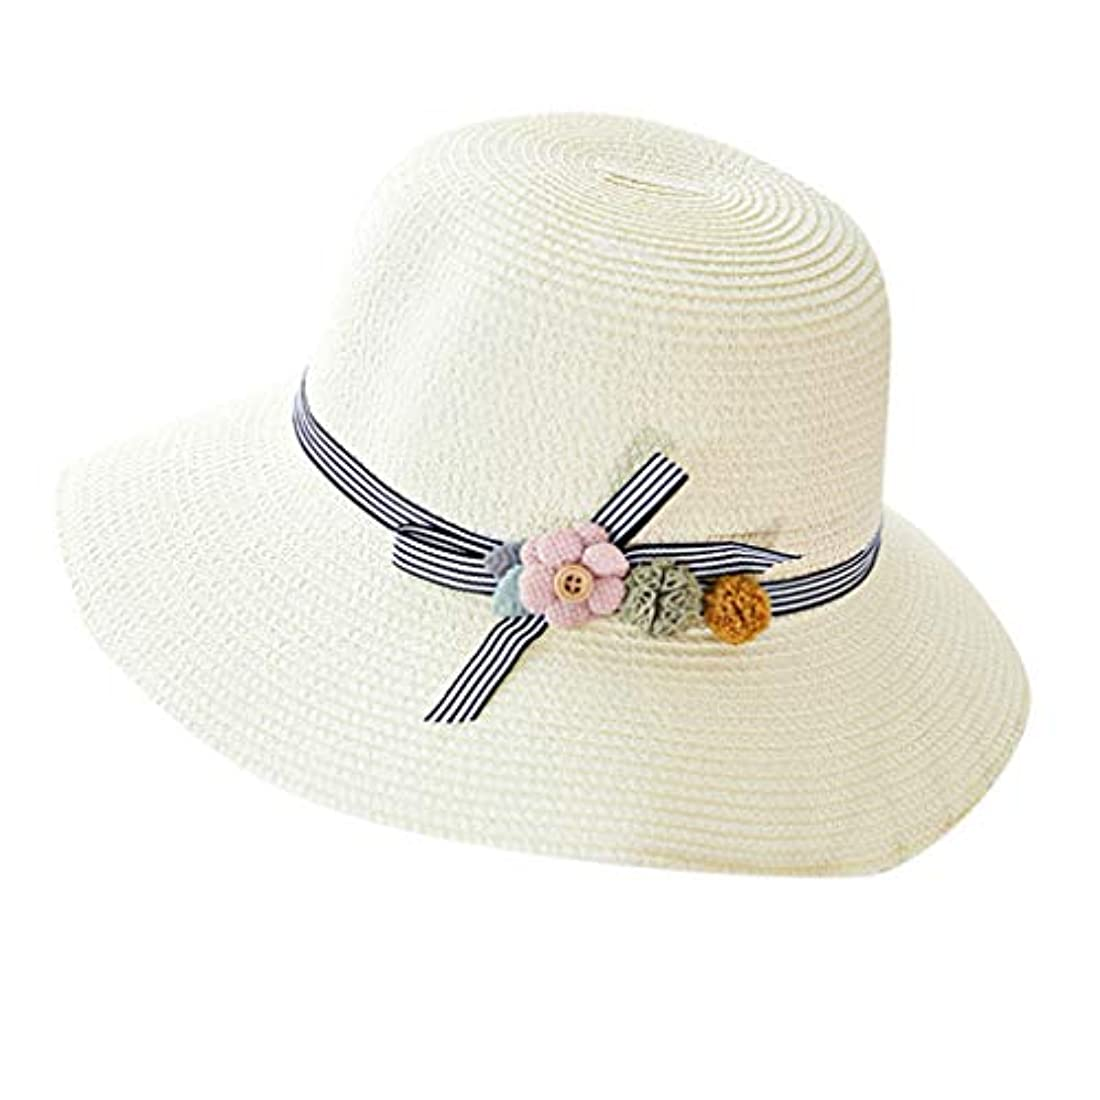 カブオーチャードオーチャード漁師帽 夏 帽子 レディース UVカット 帽子 ハット レディース 紫外線対策 日焼け防止 つば広 日焼け 旅行用 日よけ 夏季 折りたたみ 森ガール ビーチ 海辺 帽子 ハット レディース 花 ROSE ROMAN